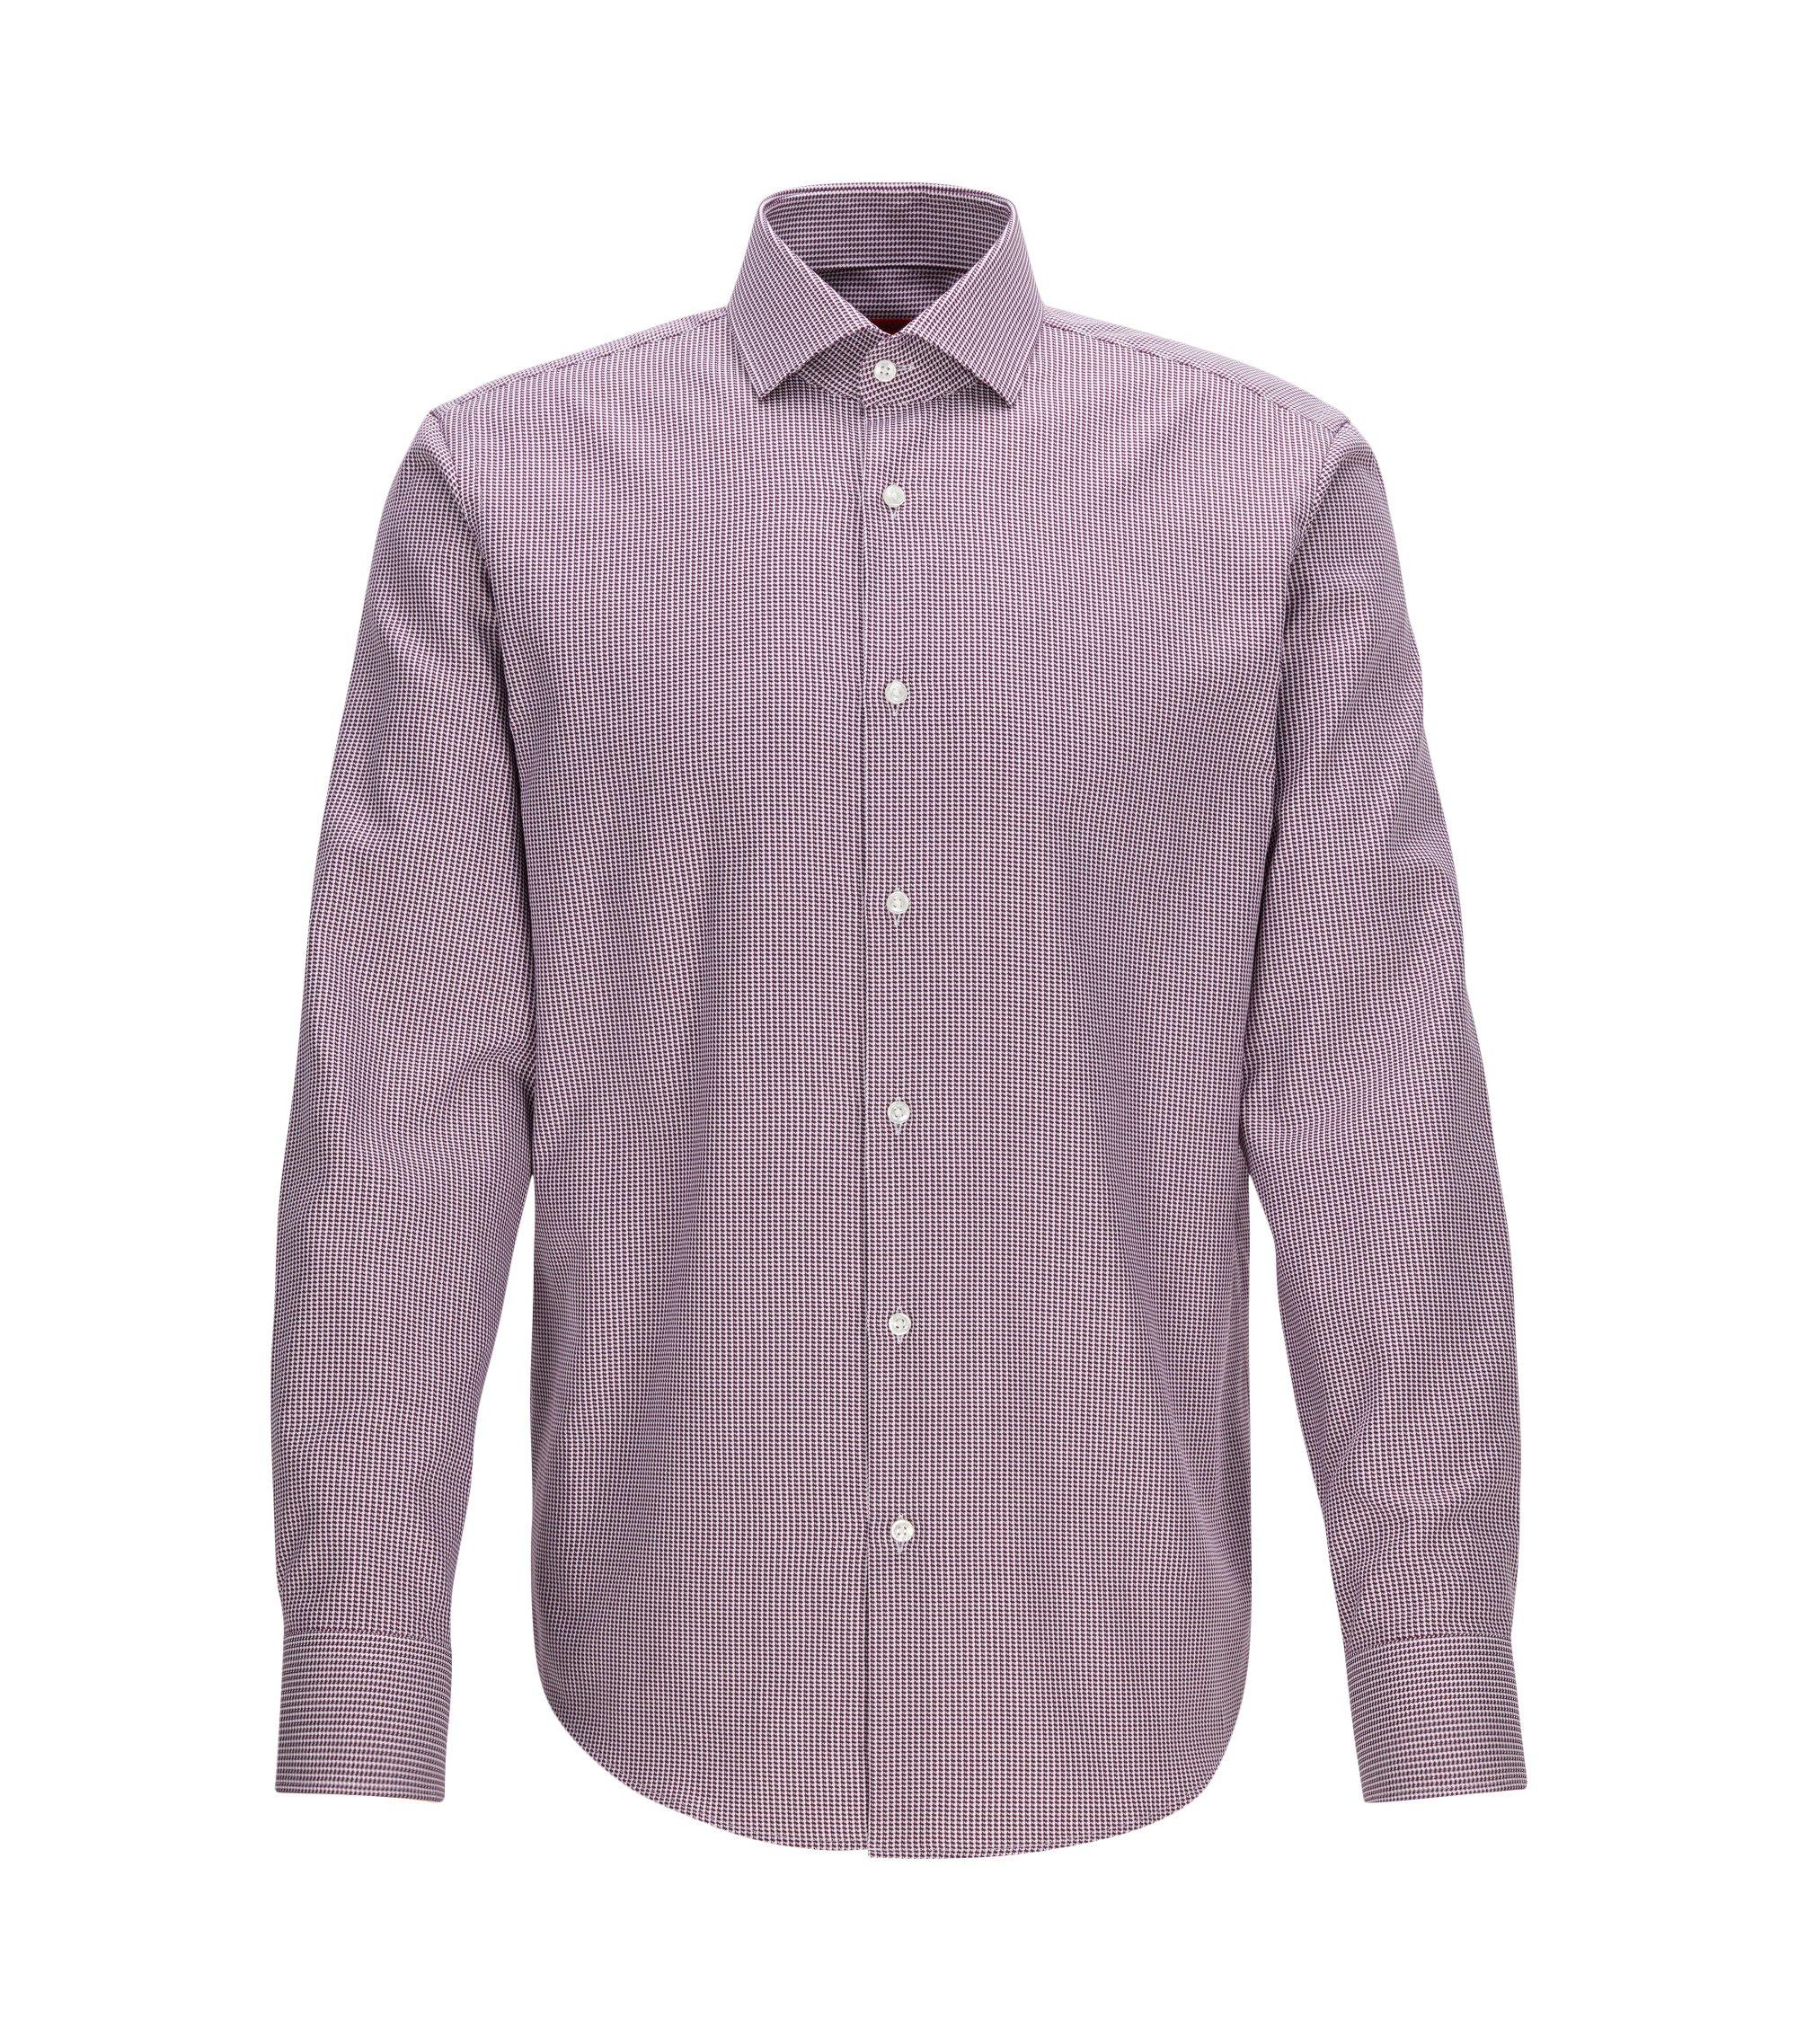 Camisa regular fit en algodón de dos capas con cuadros estilo pata de gallo, Rojo oscuro